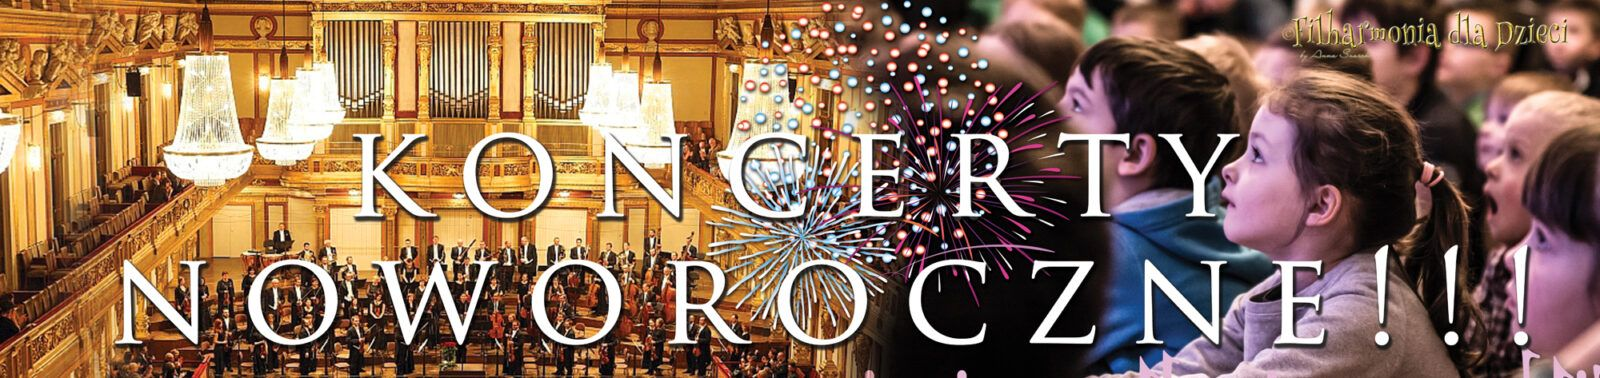 Filharmonia-dla-dzieci-koncerty-noworoczne-zielonka